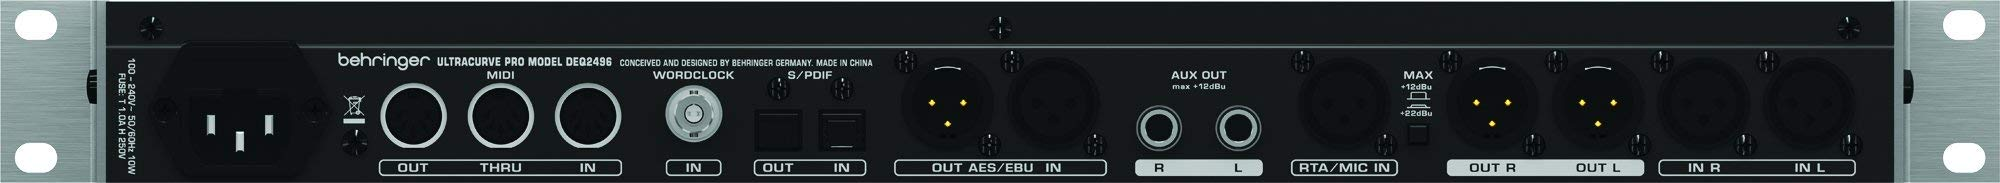 Behringer Ultracurve Pro DEQ2496 Ultra-High Precision 24-Bit/96 kHz Equalizer, Analyzer, Feedback Destroyer and Mastering Processor (Certified Refurbished) by Behringer (Image #3)